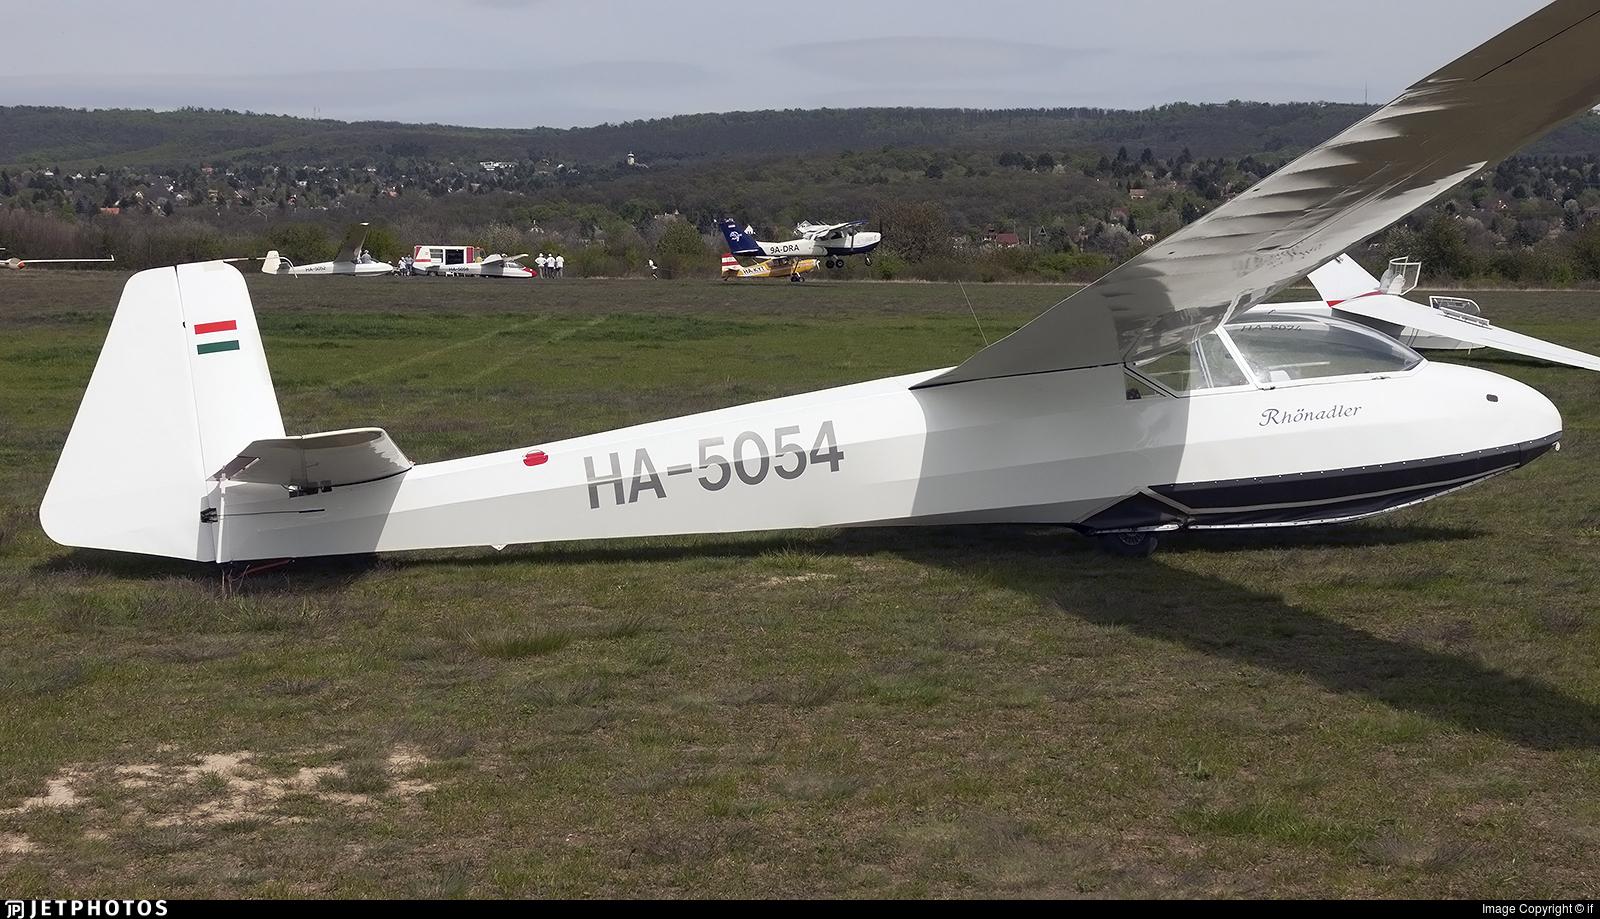 HA-5054 - Schleicher Ka-7 Rhönadler - Private